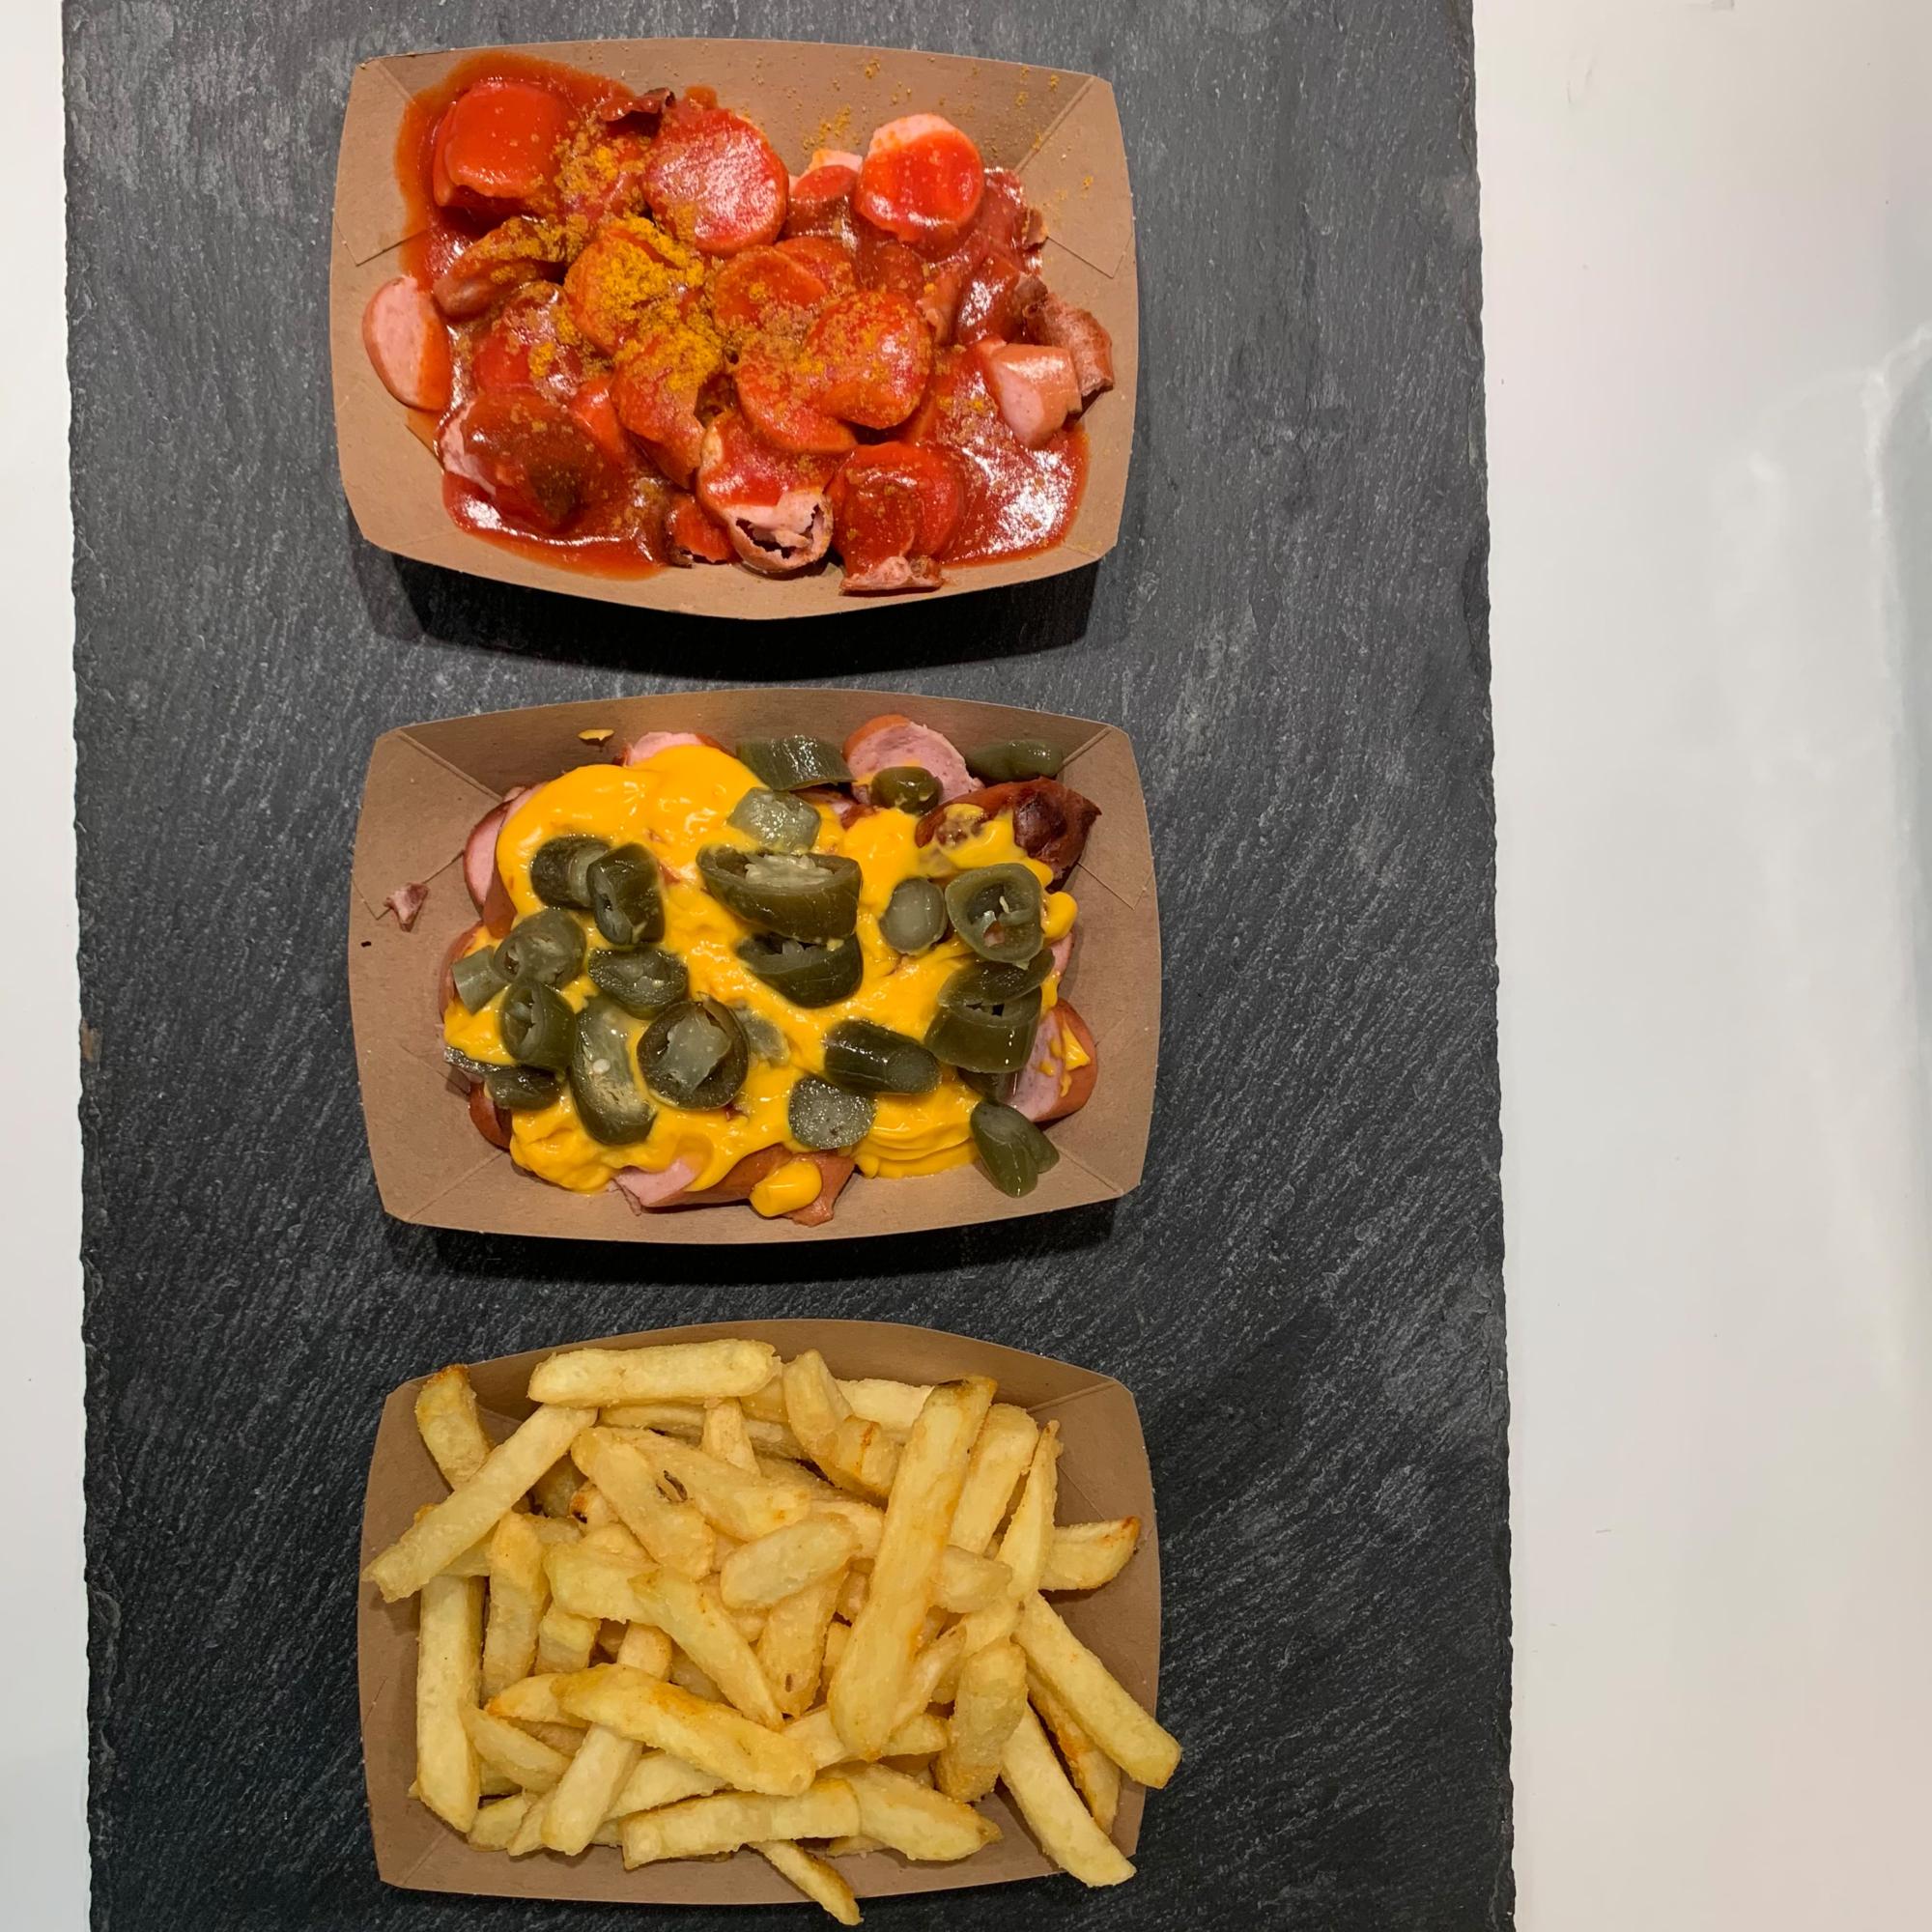 Mein-Wedel-Wurstbude-Wedel-Currywurst-Pommes-Schmalzkuchen-Krakauer-Bild-01